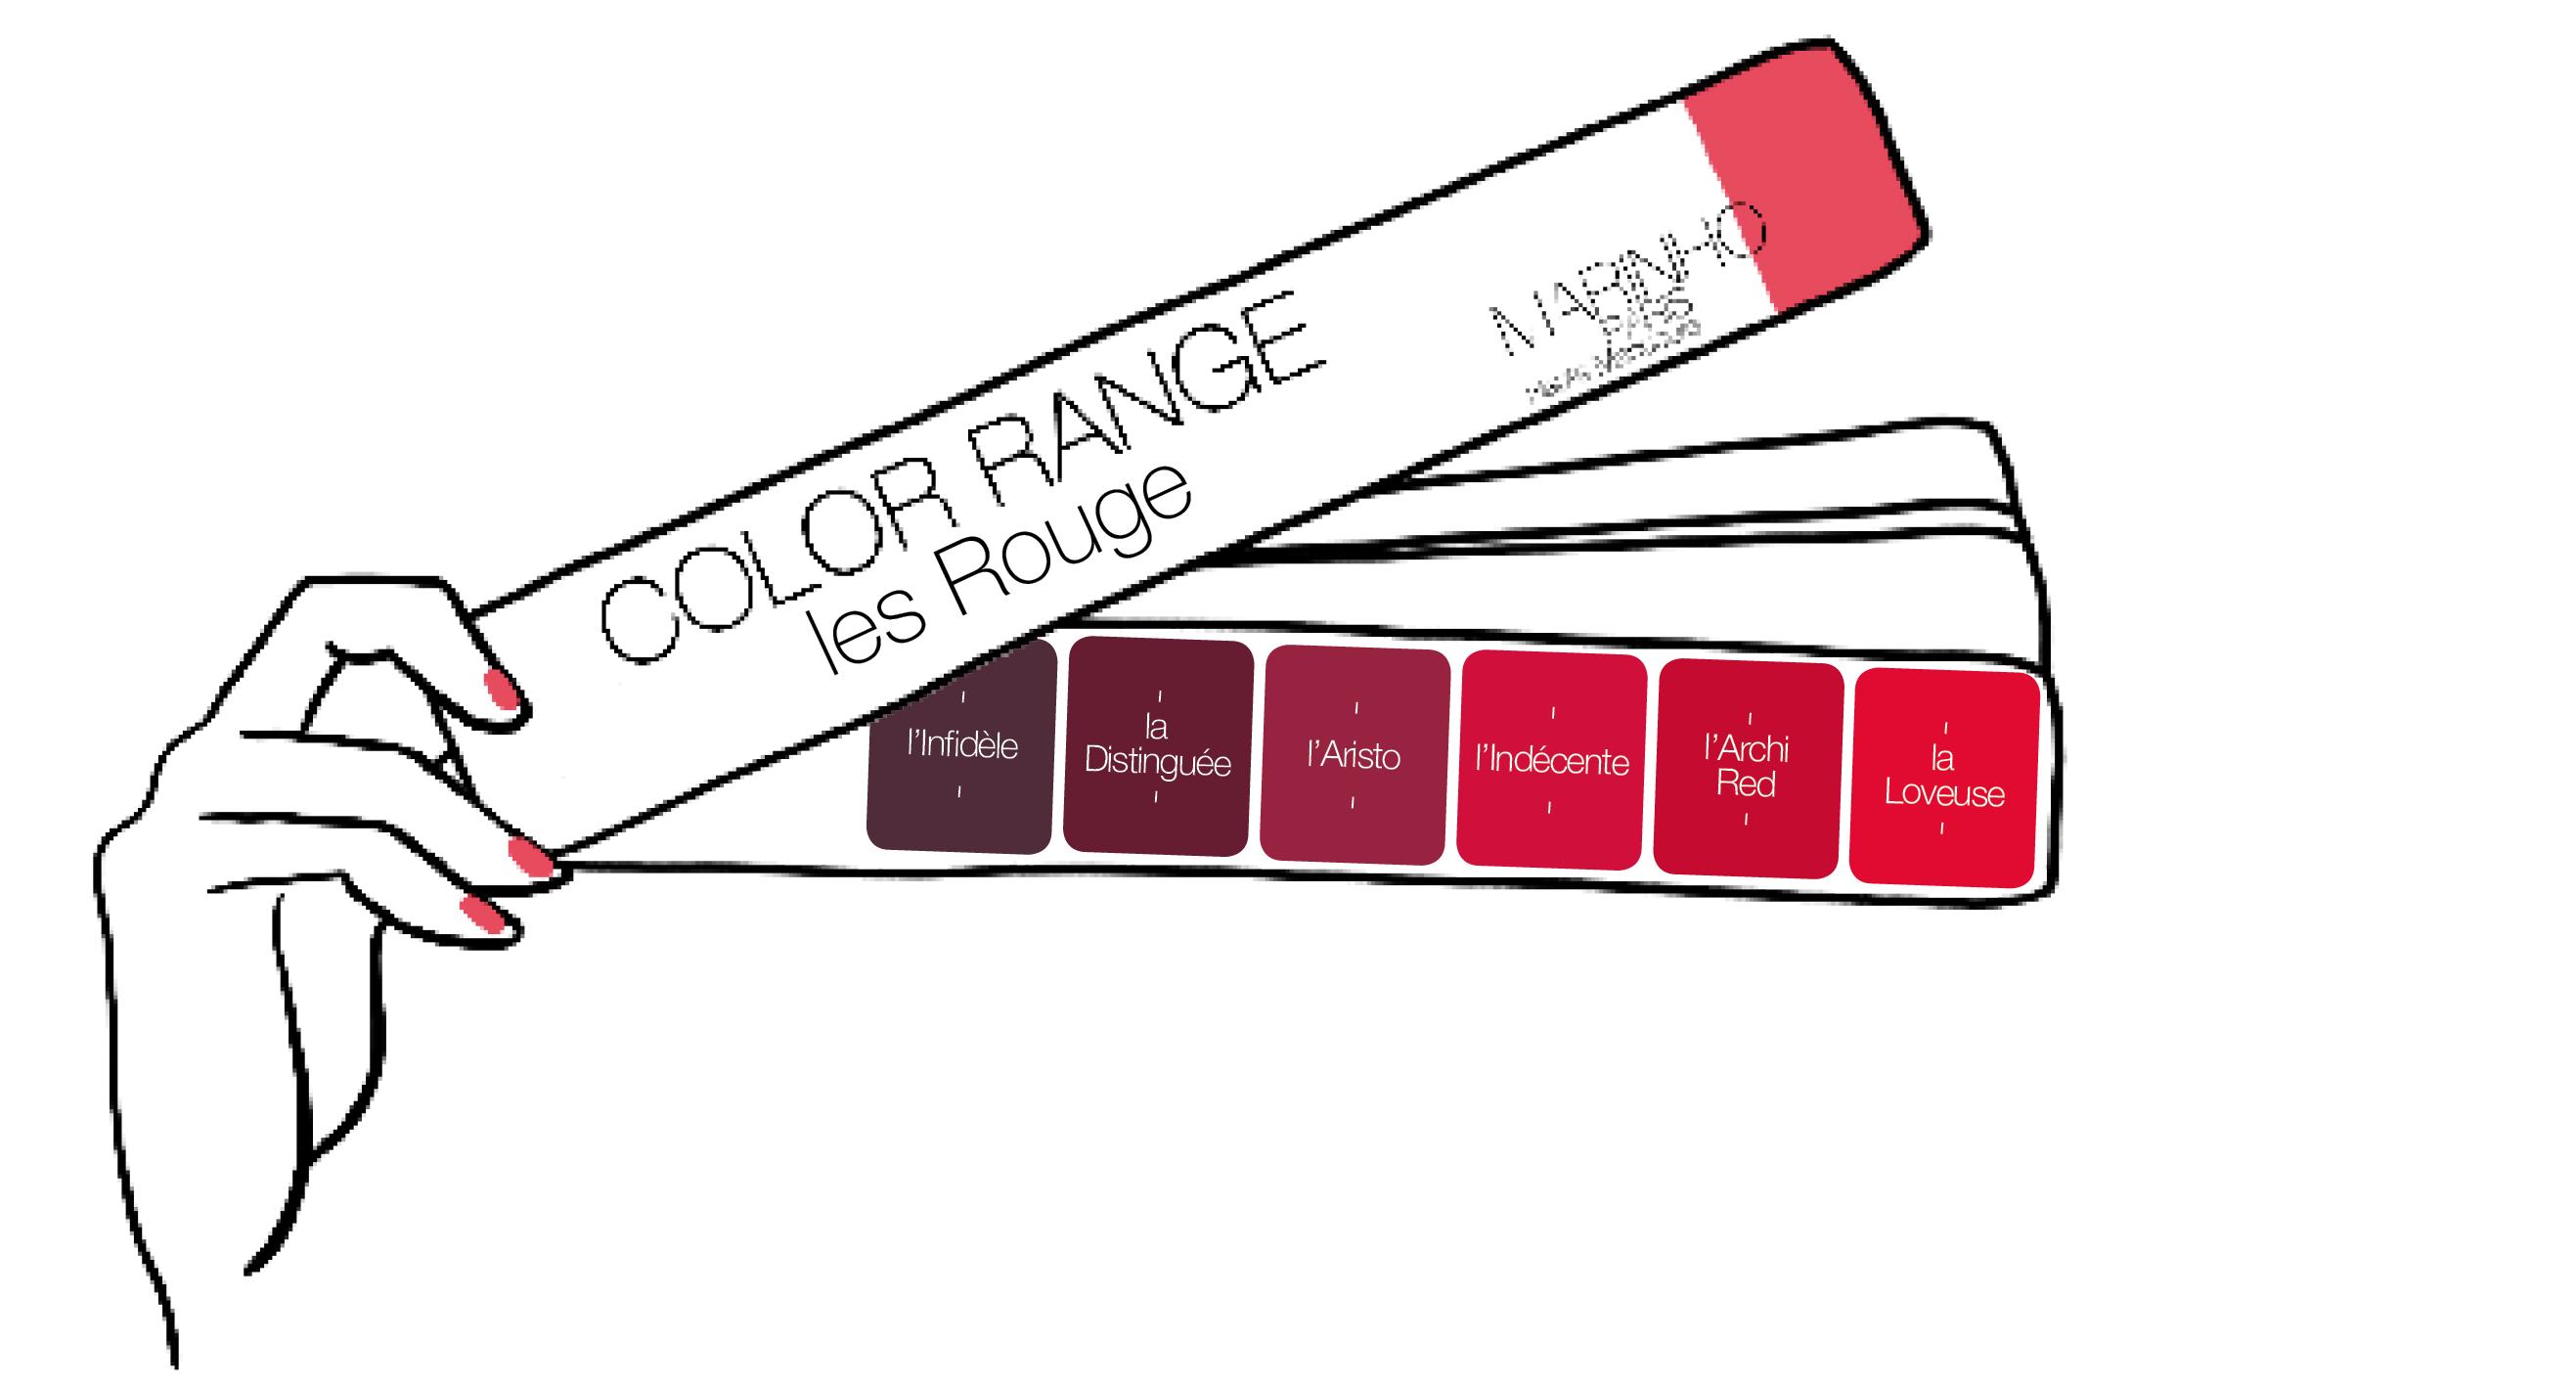 gamme couleur vernis rouge marinho paris